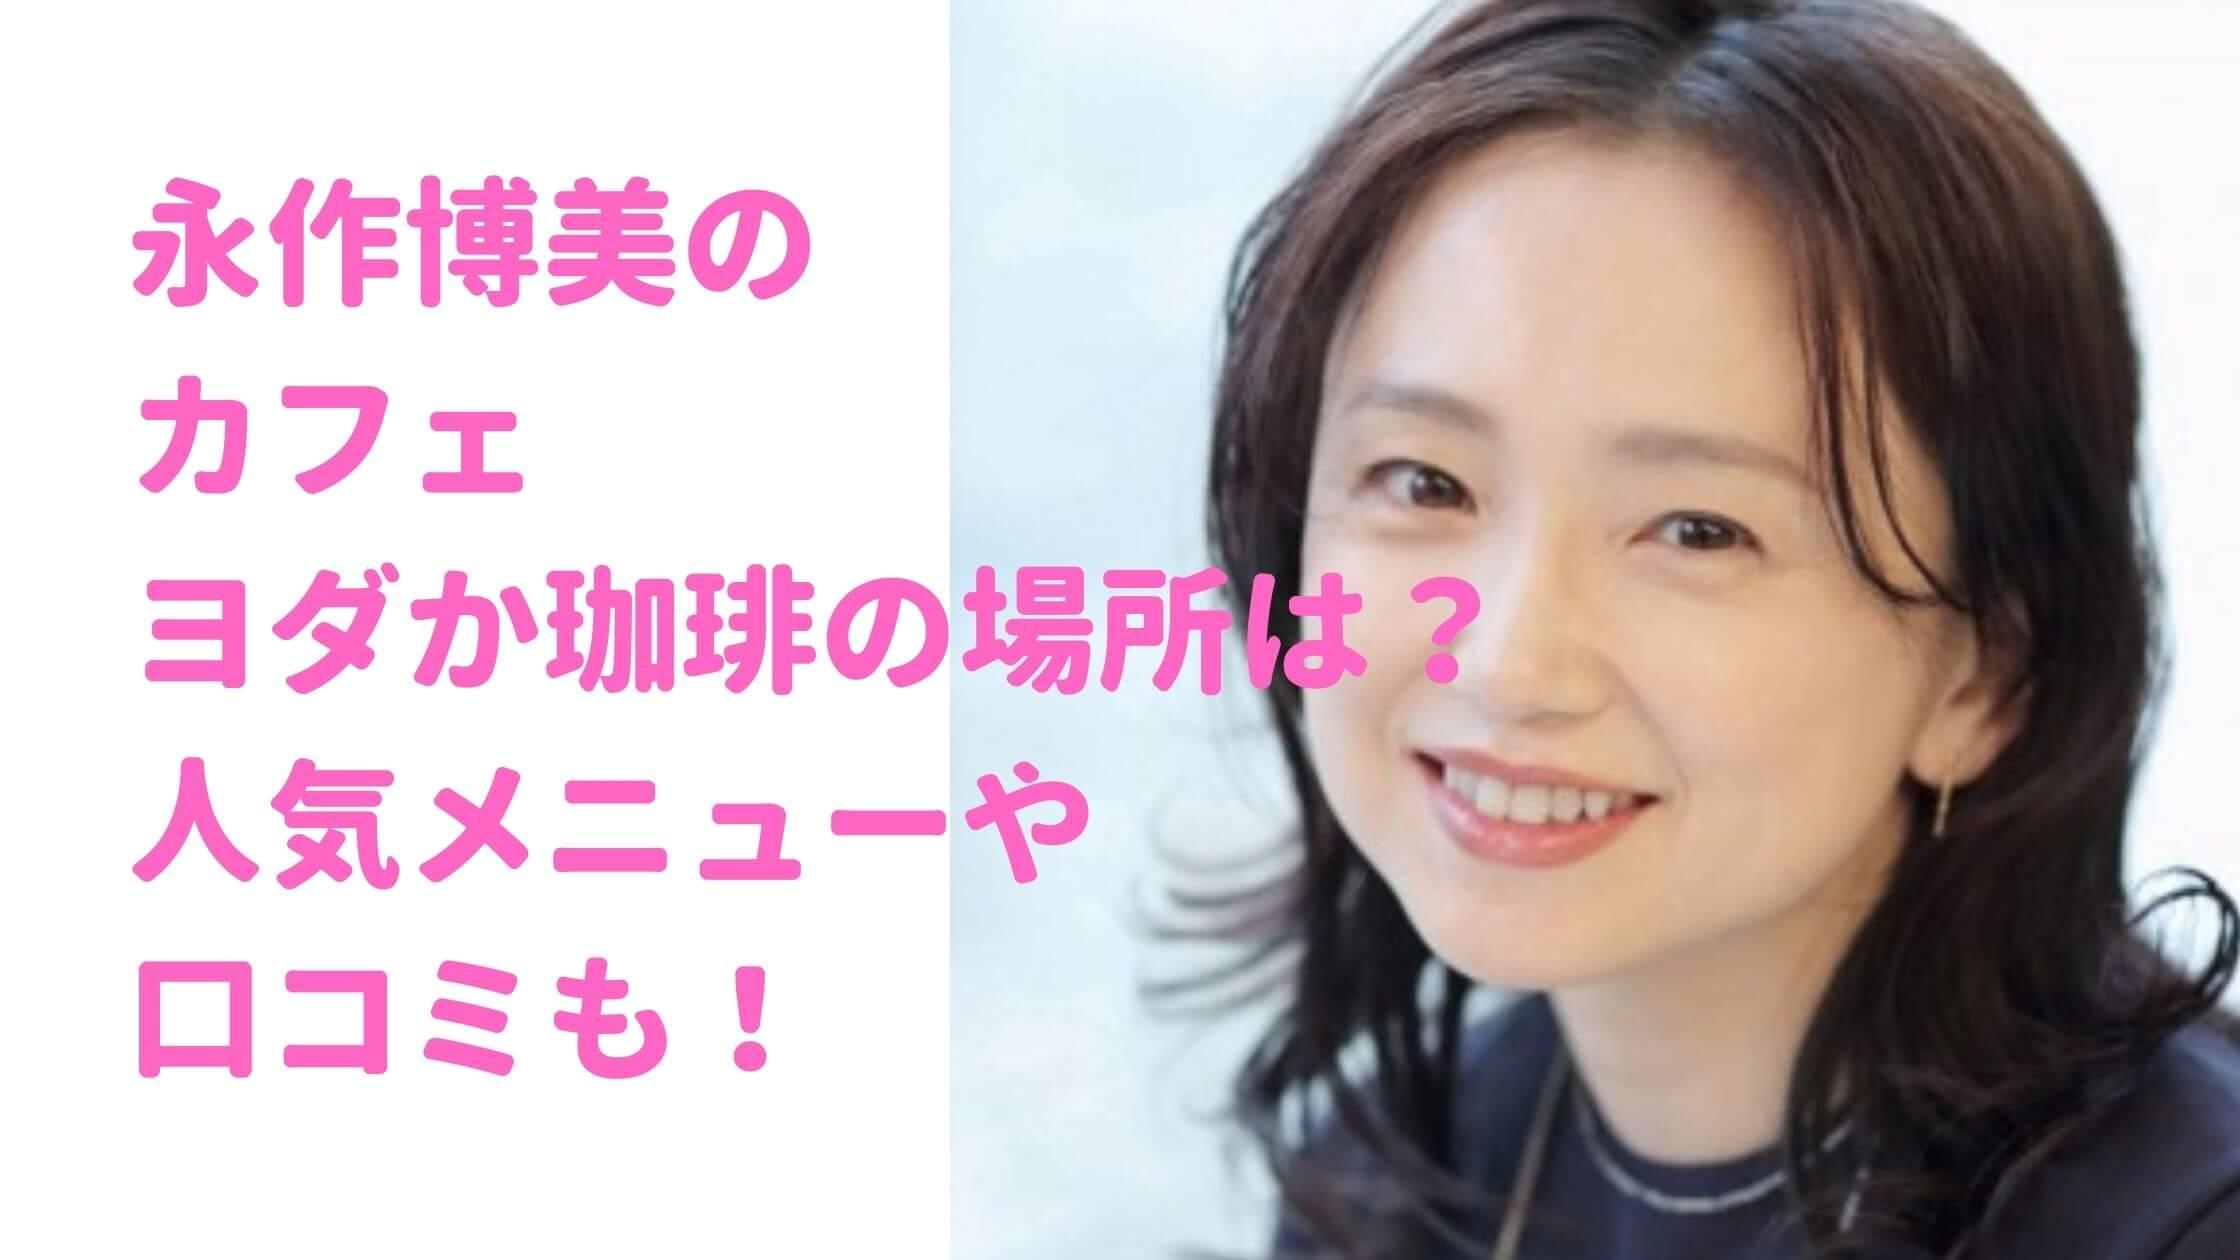 永作博美 カフェ ヨダか珈琲 住所 メニュー 口コミ